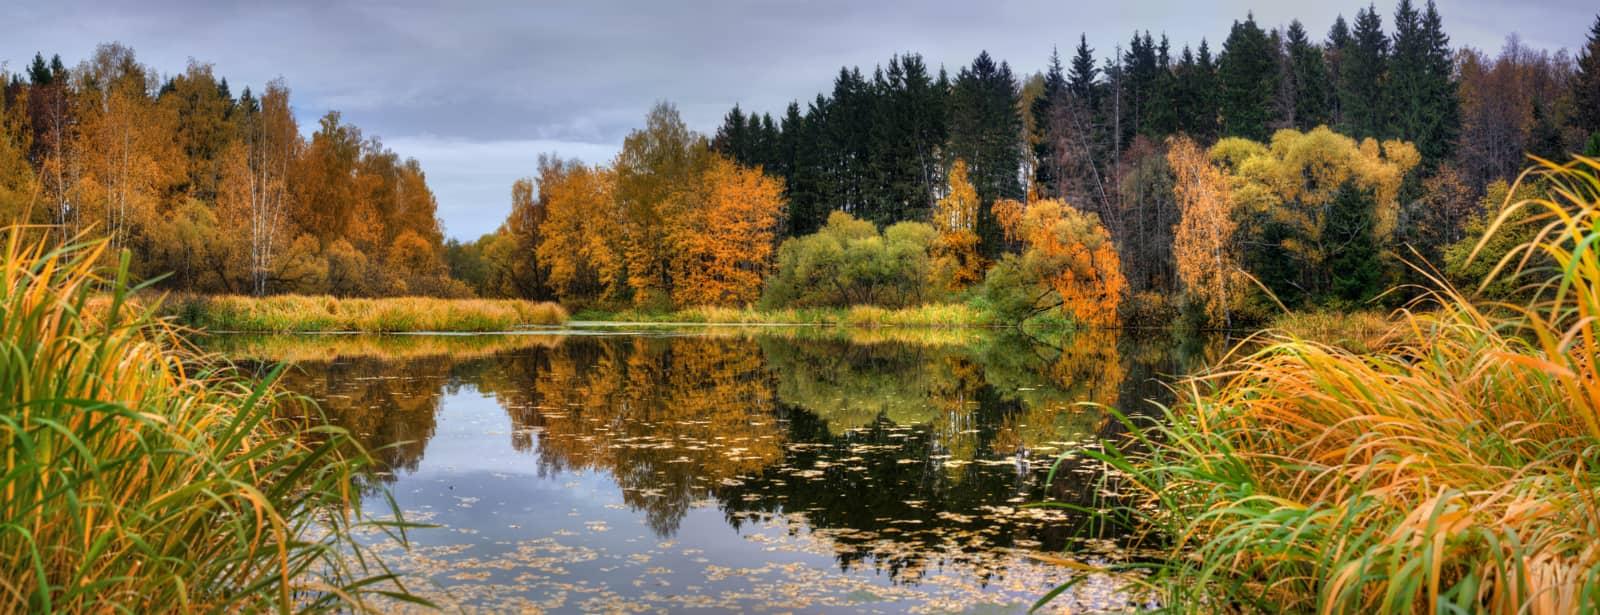 Een plas met bomen eromheen in herfstkleuren